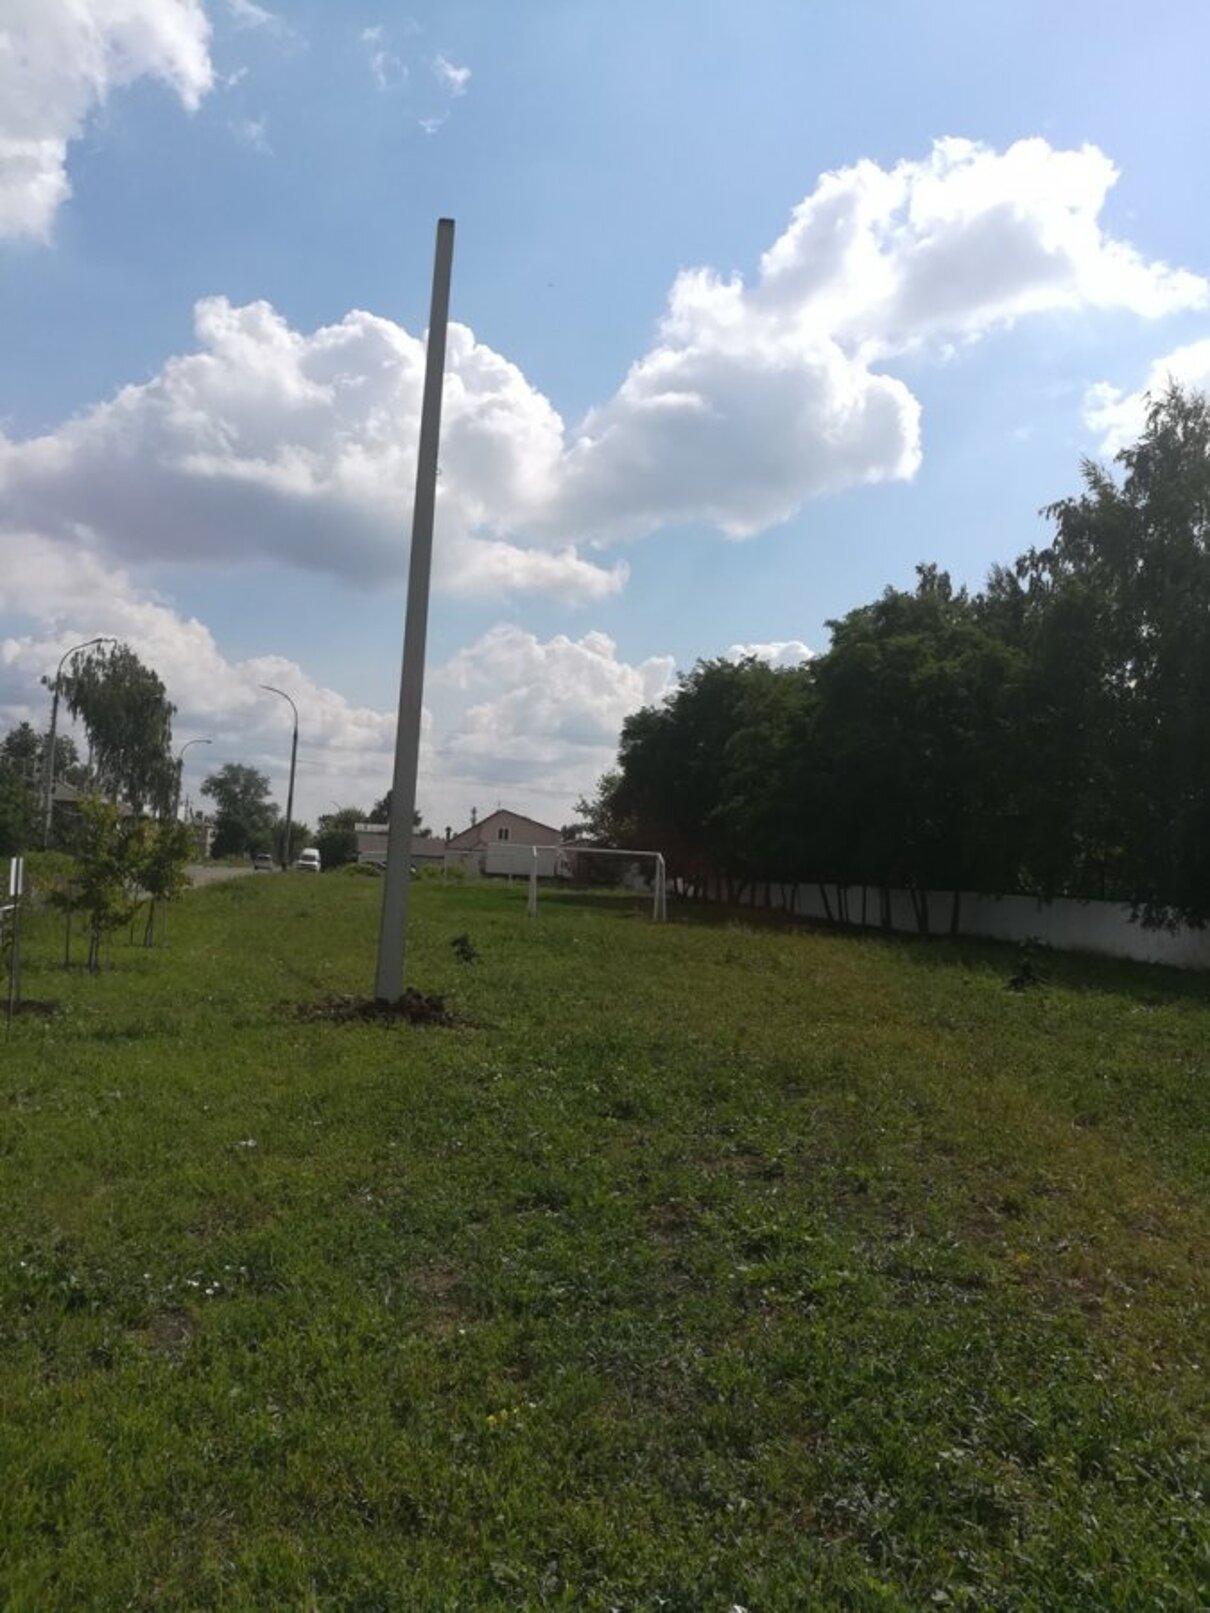 Жалоба-отзыв: Администрация города - Вкопали столб электрический на детской площадке.  Фото №1